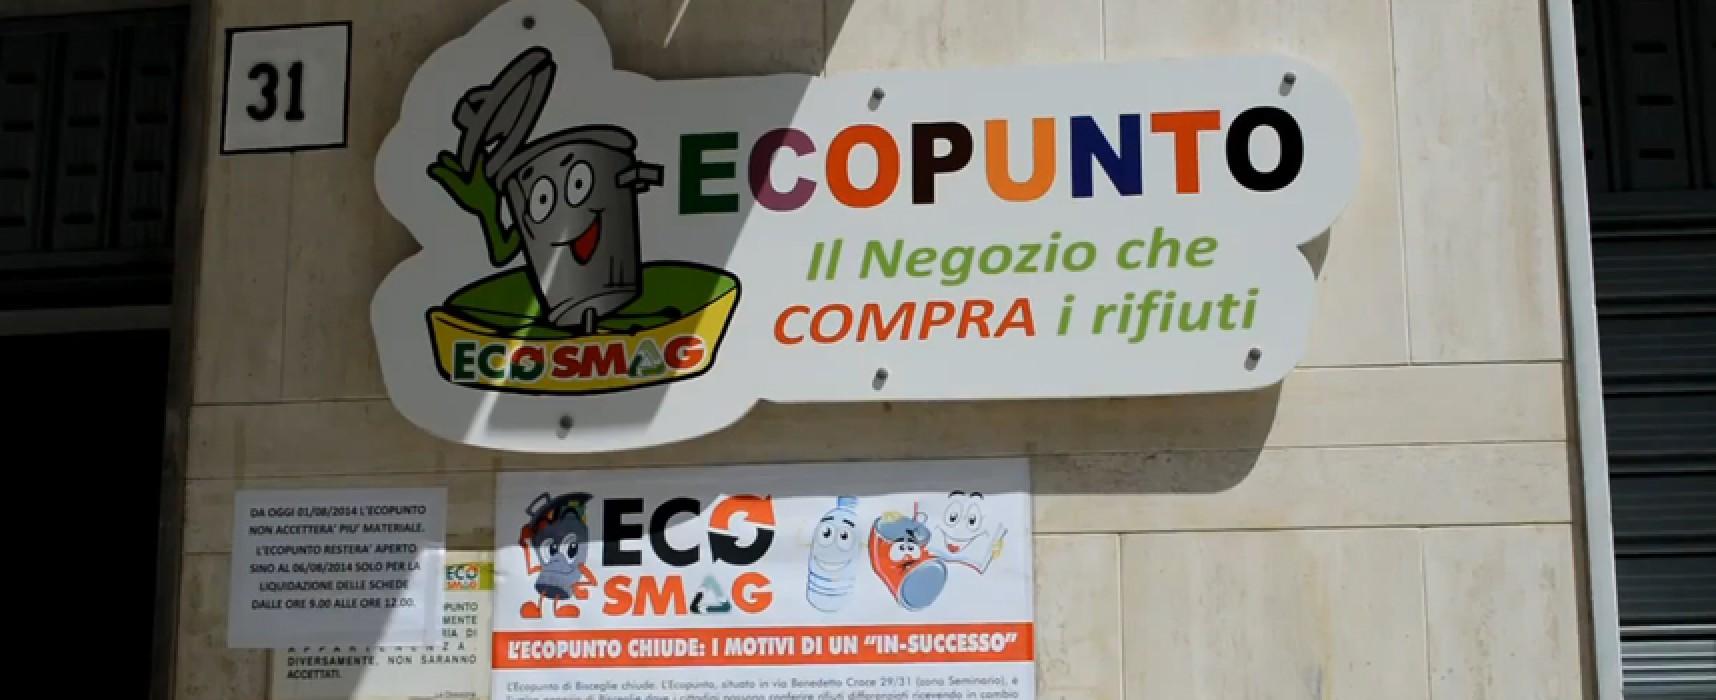 """Sel sulla chiusura dell'Ecopunto: """"Esercizio virtuoso condannato dall'amministrazione comunale"""""""